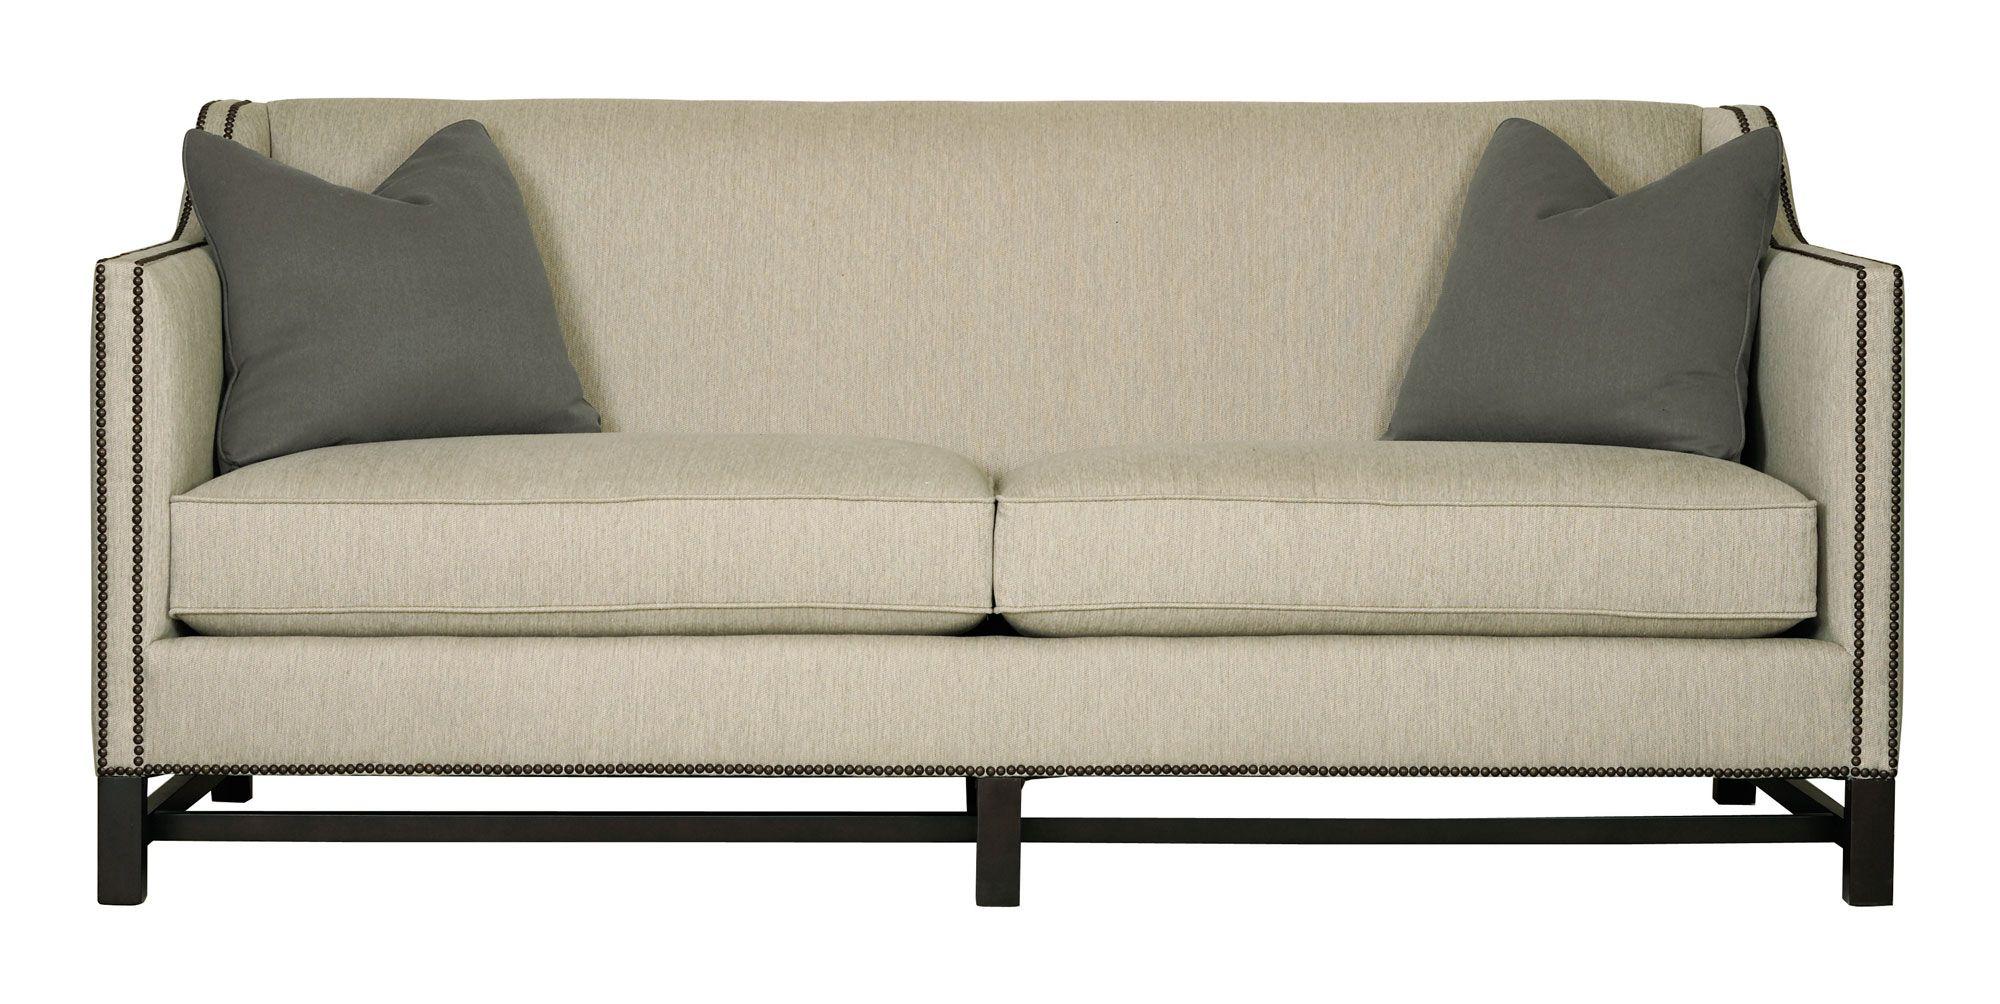 N5927 Chatham Sofa | Bernhardt W 83 D 37 H 36 SH 19 AH 30 SD